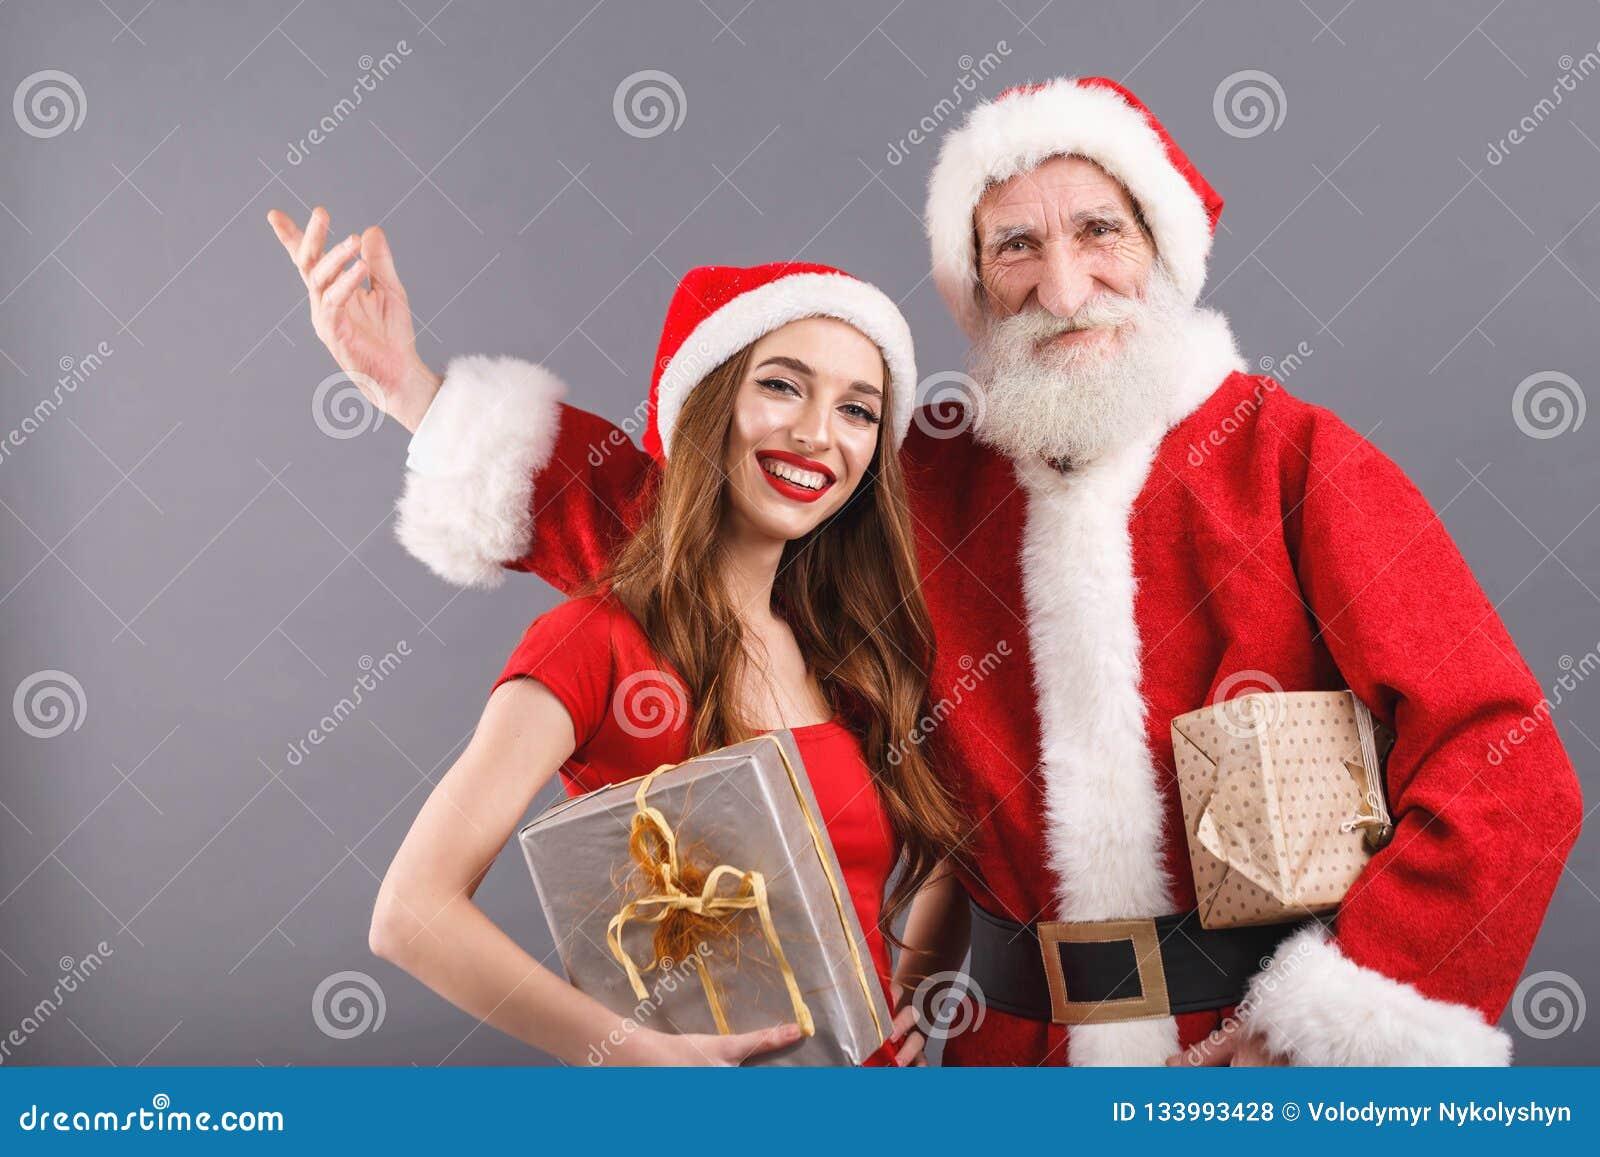 De heer en Mevr Claus Congratulates With Merry Christmass en Gelukkig Nieuwjaar